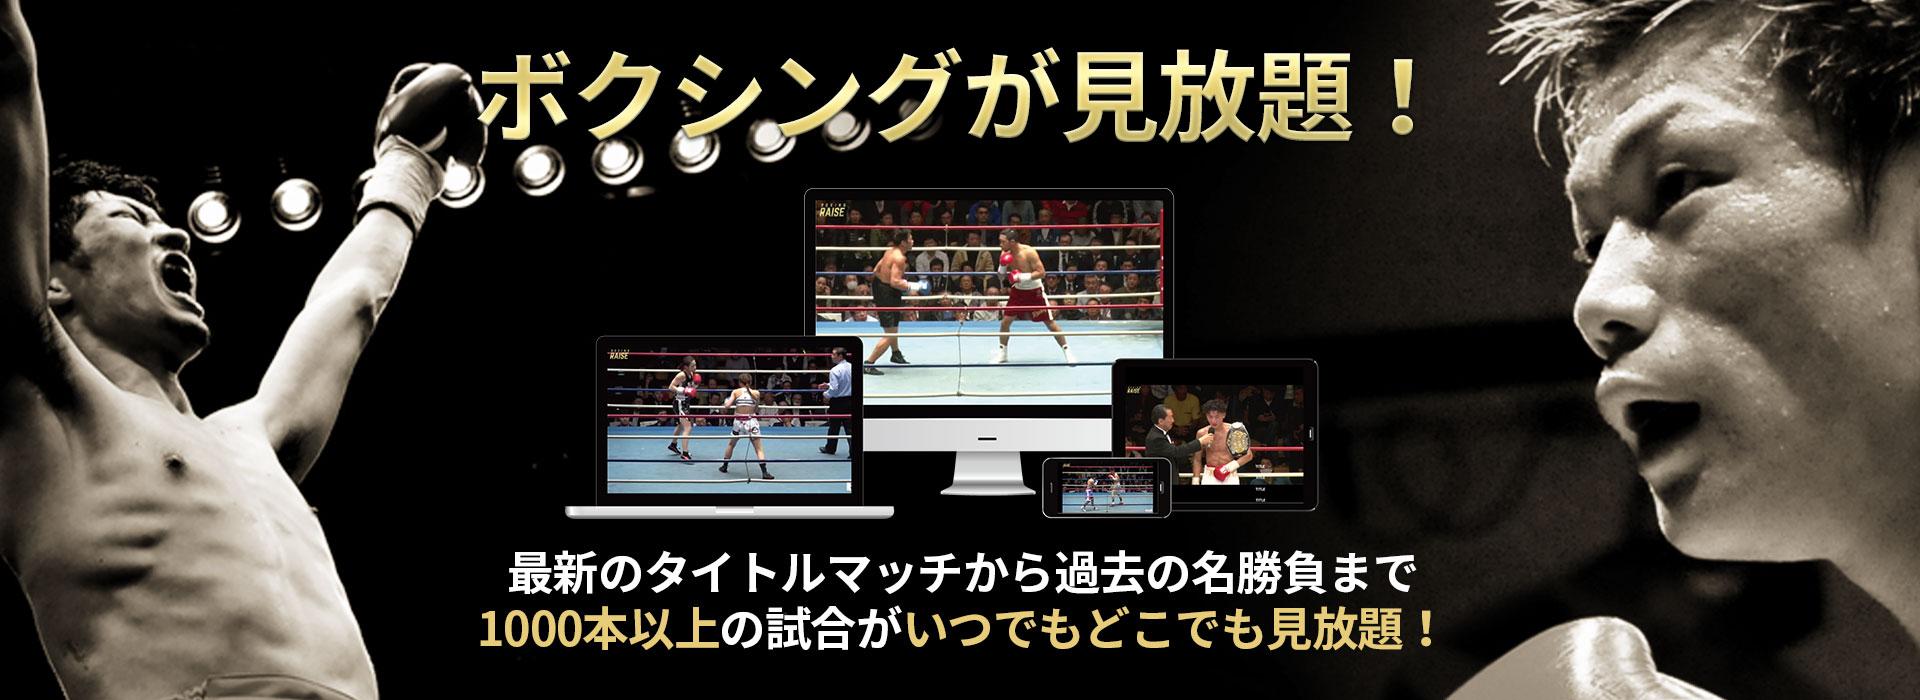 プロボクシングを身近にするボクシング動画配信サービス